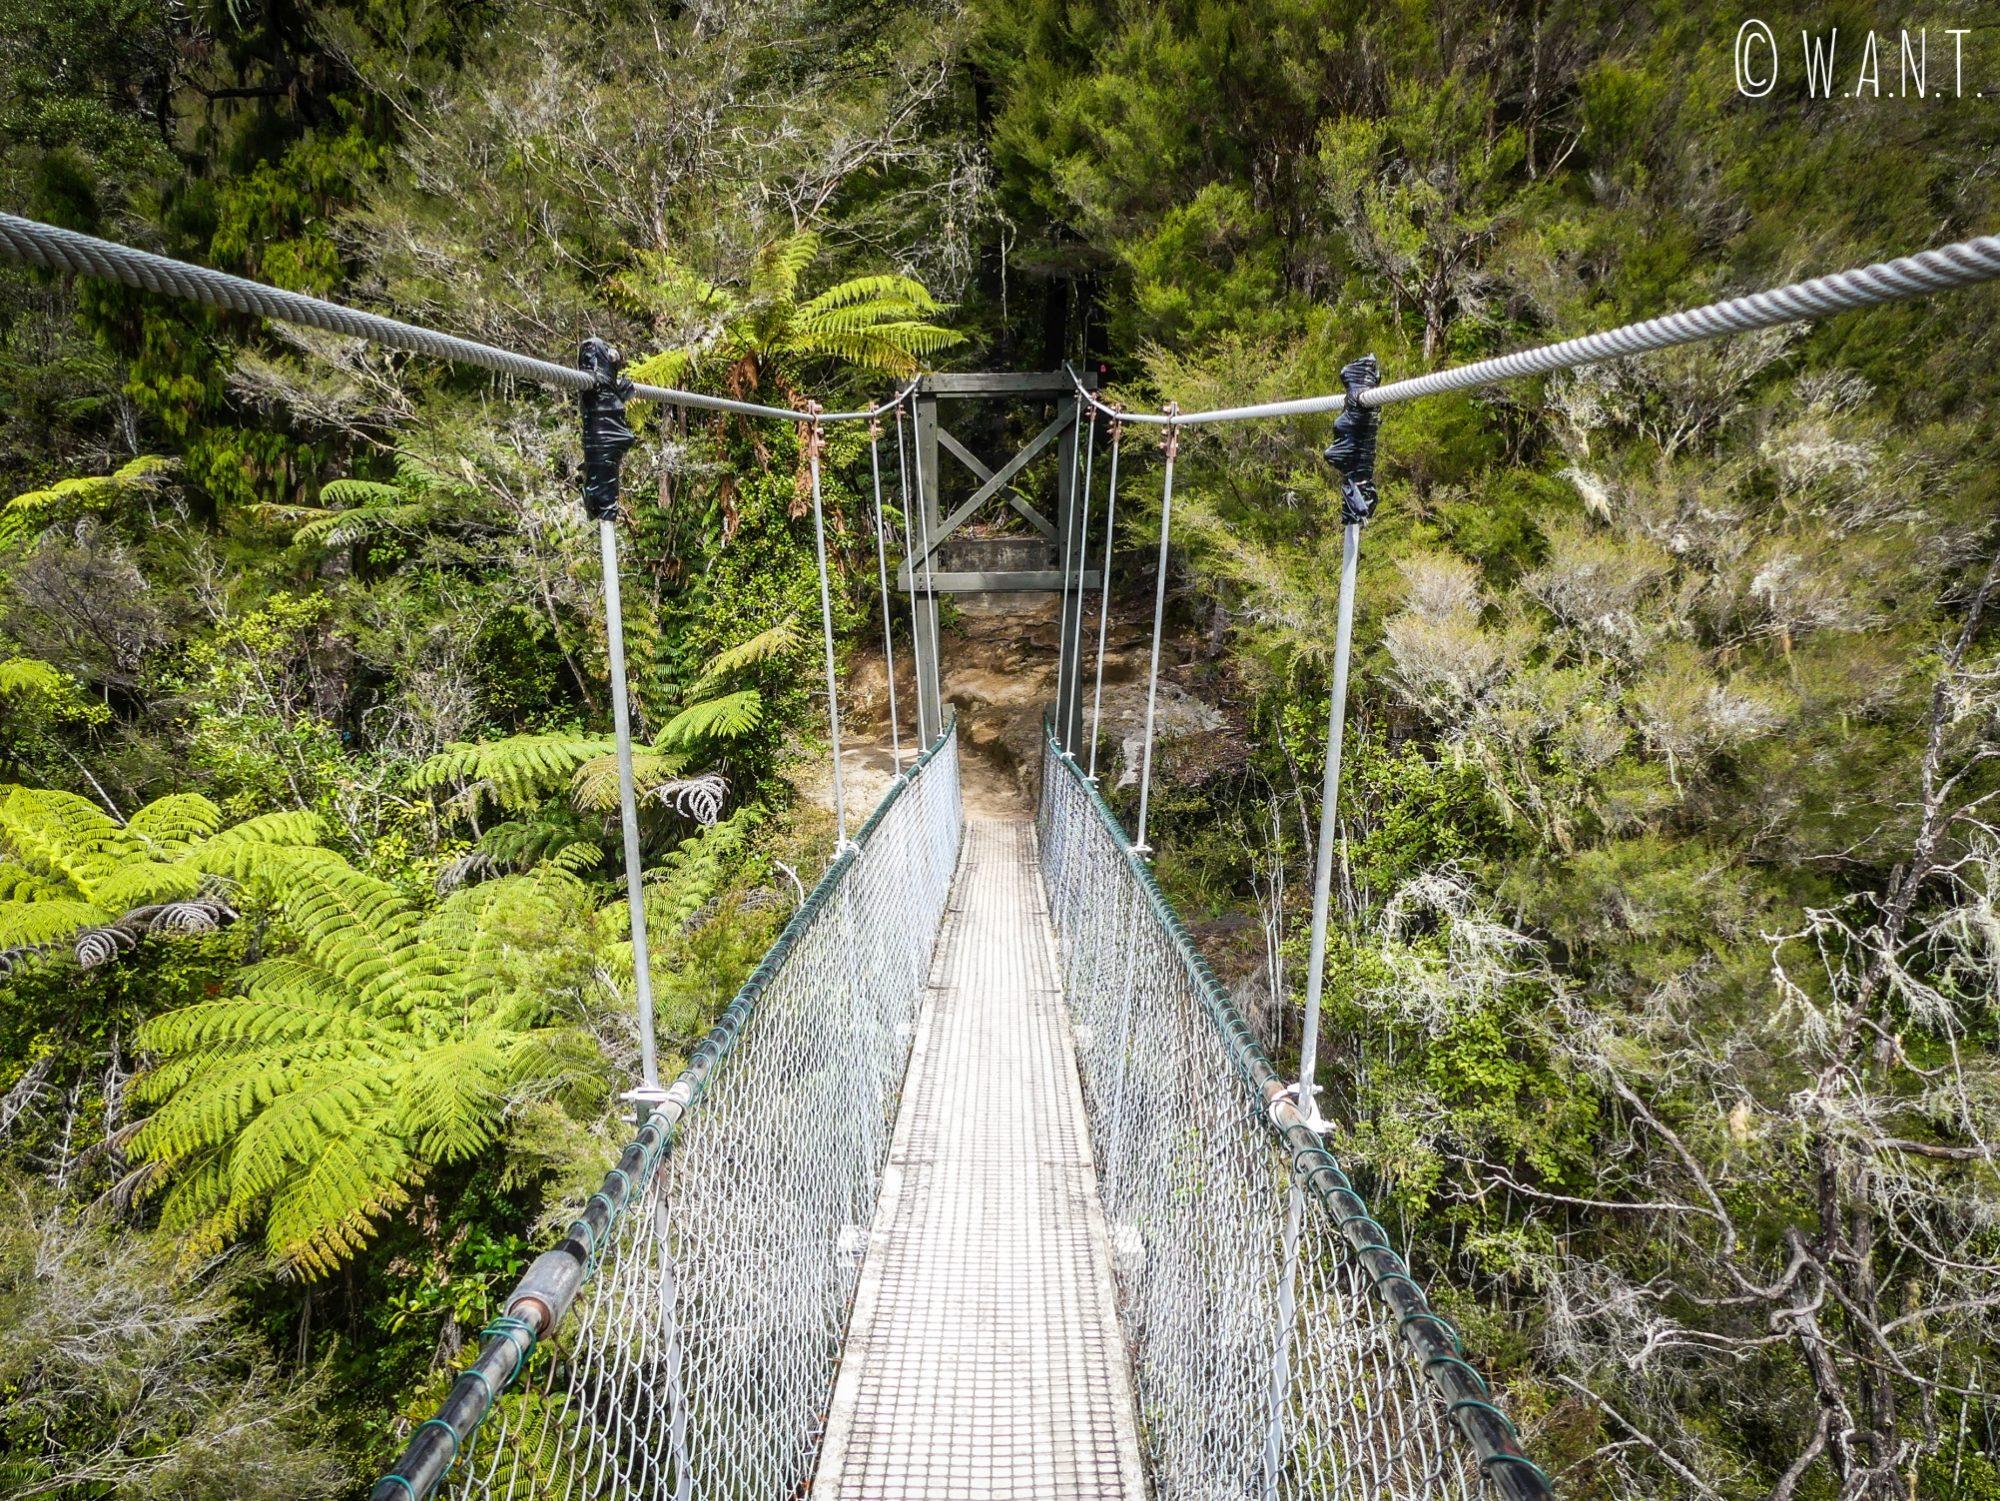 Nous traversons de nombreux ponts suspendus durant la randonnée Abel Tasman Coast Track en Nouvelle-Zélande